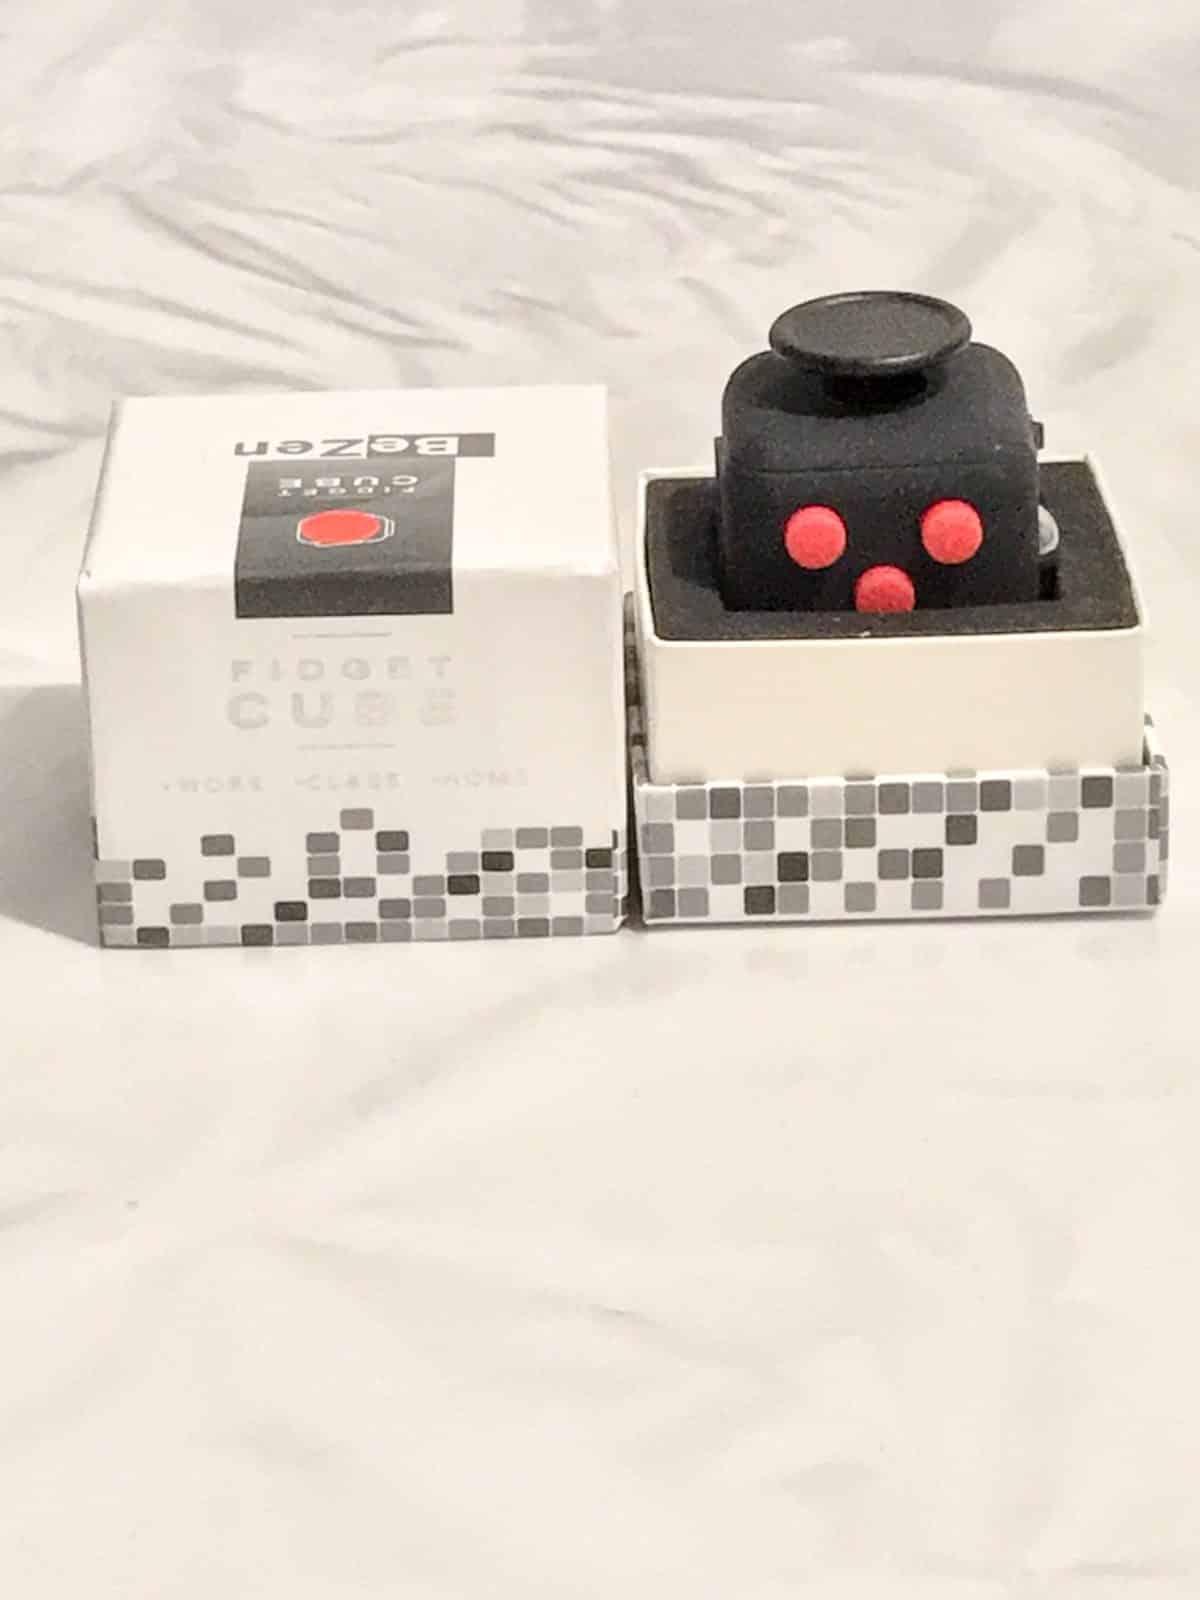 autisme fidget cube